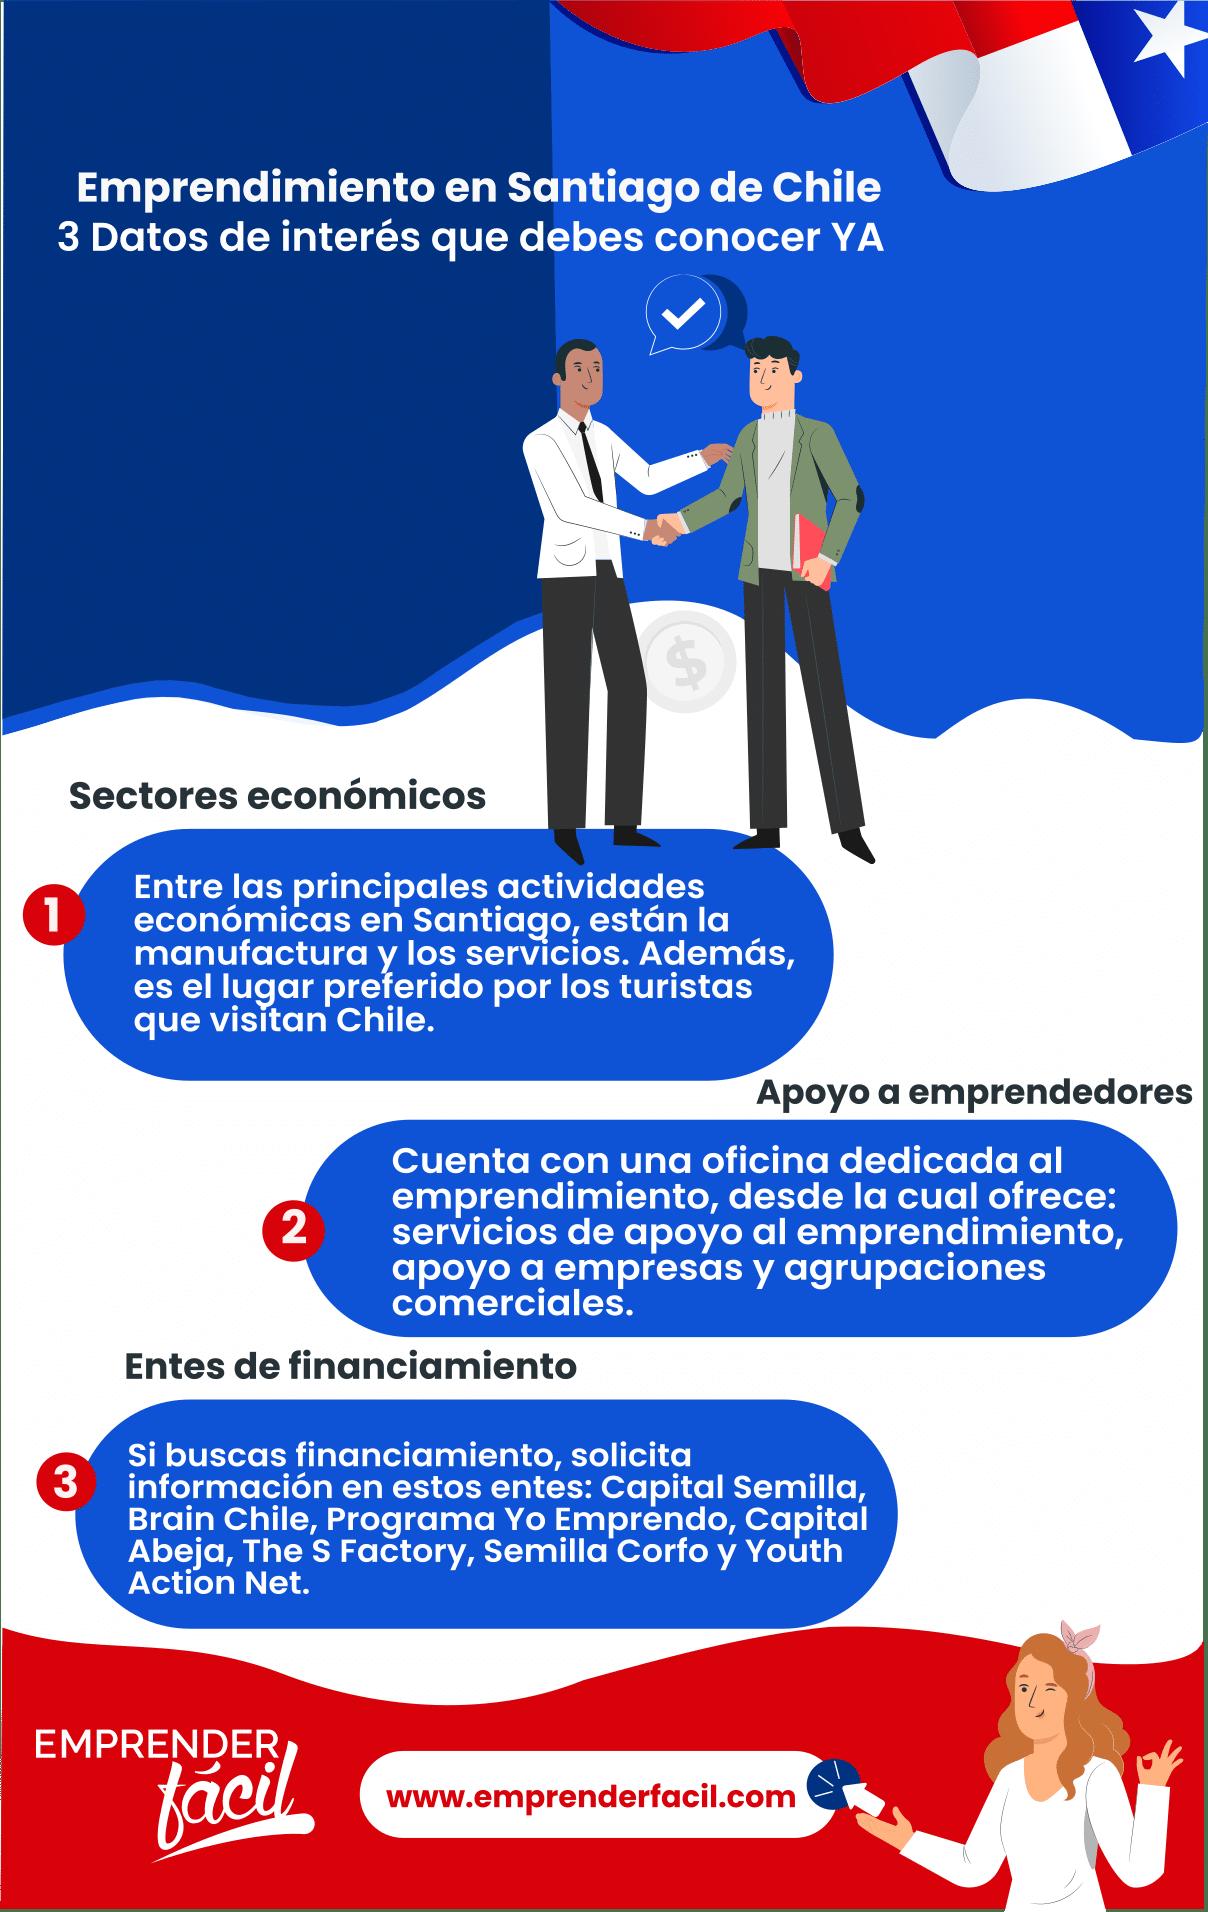 Inicia negocios rentables en Santiago de Chile